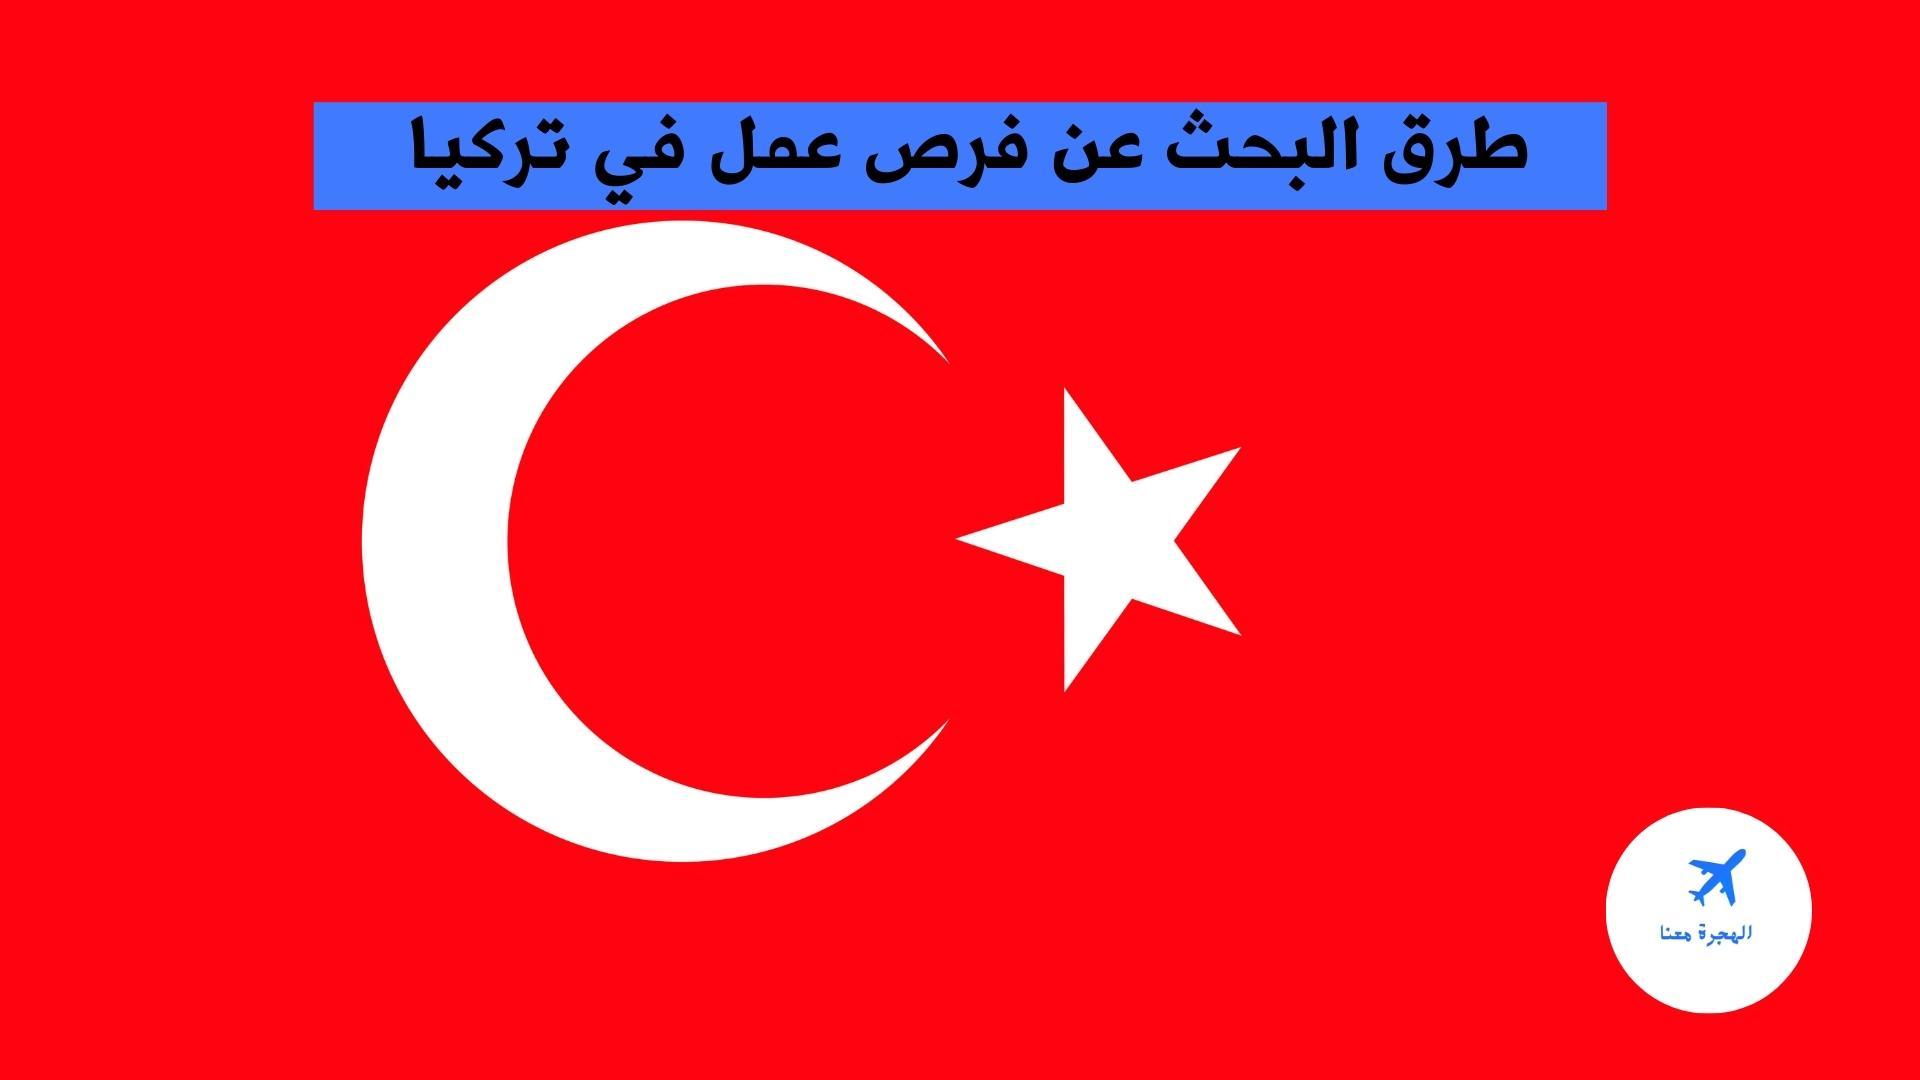 Photo of فرص عمل في تركيا 2020 .. كيف يمكنك الانتقال الى تركيا للعمل